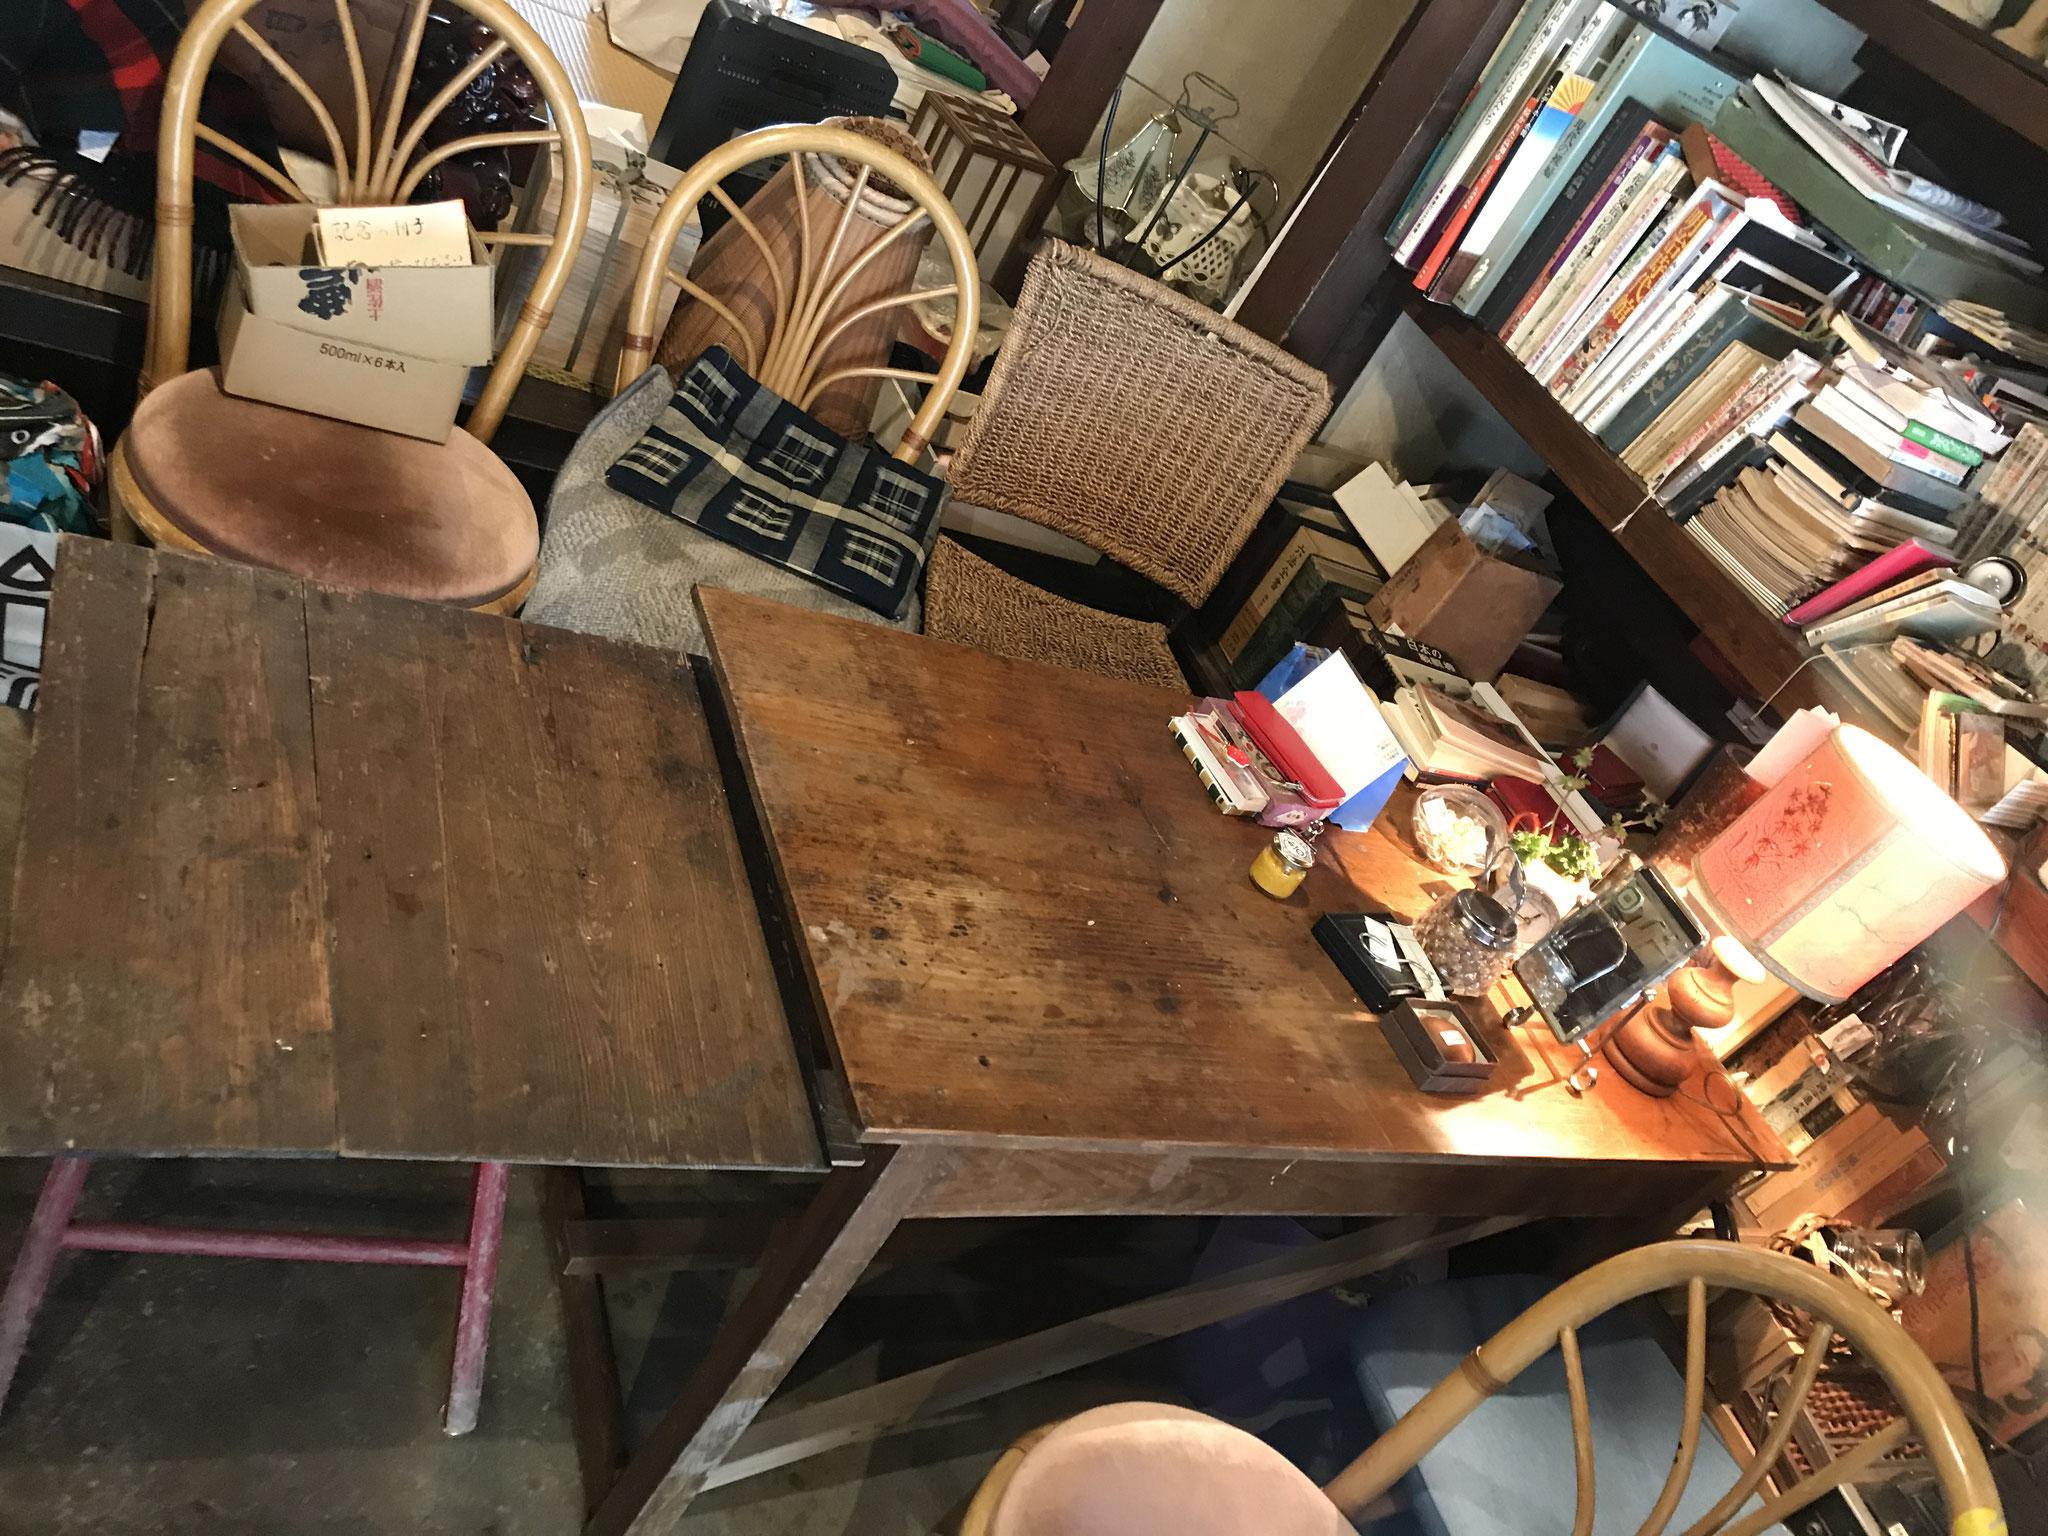 ここが前回なんもなくしたテーブルです。ライト、花、砂糖は許しちゃるけんど、他はダメー👎 でも、がんばった!